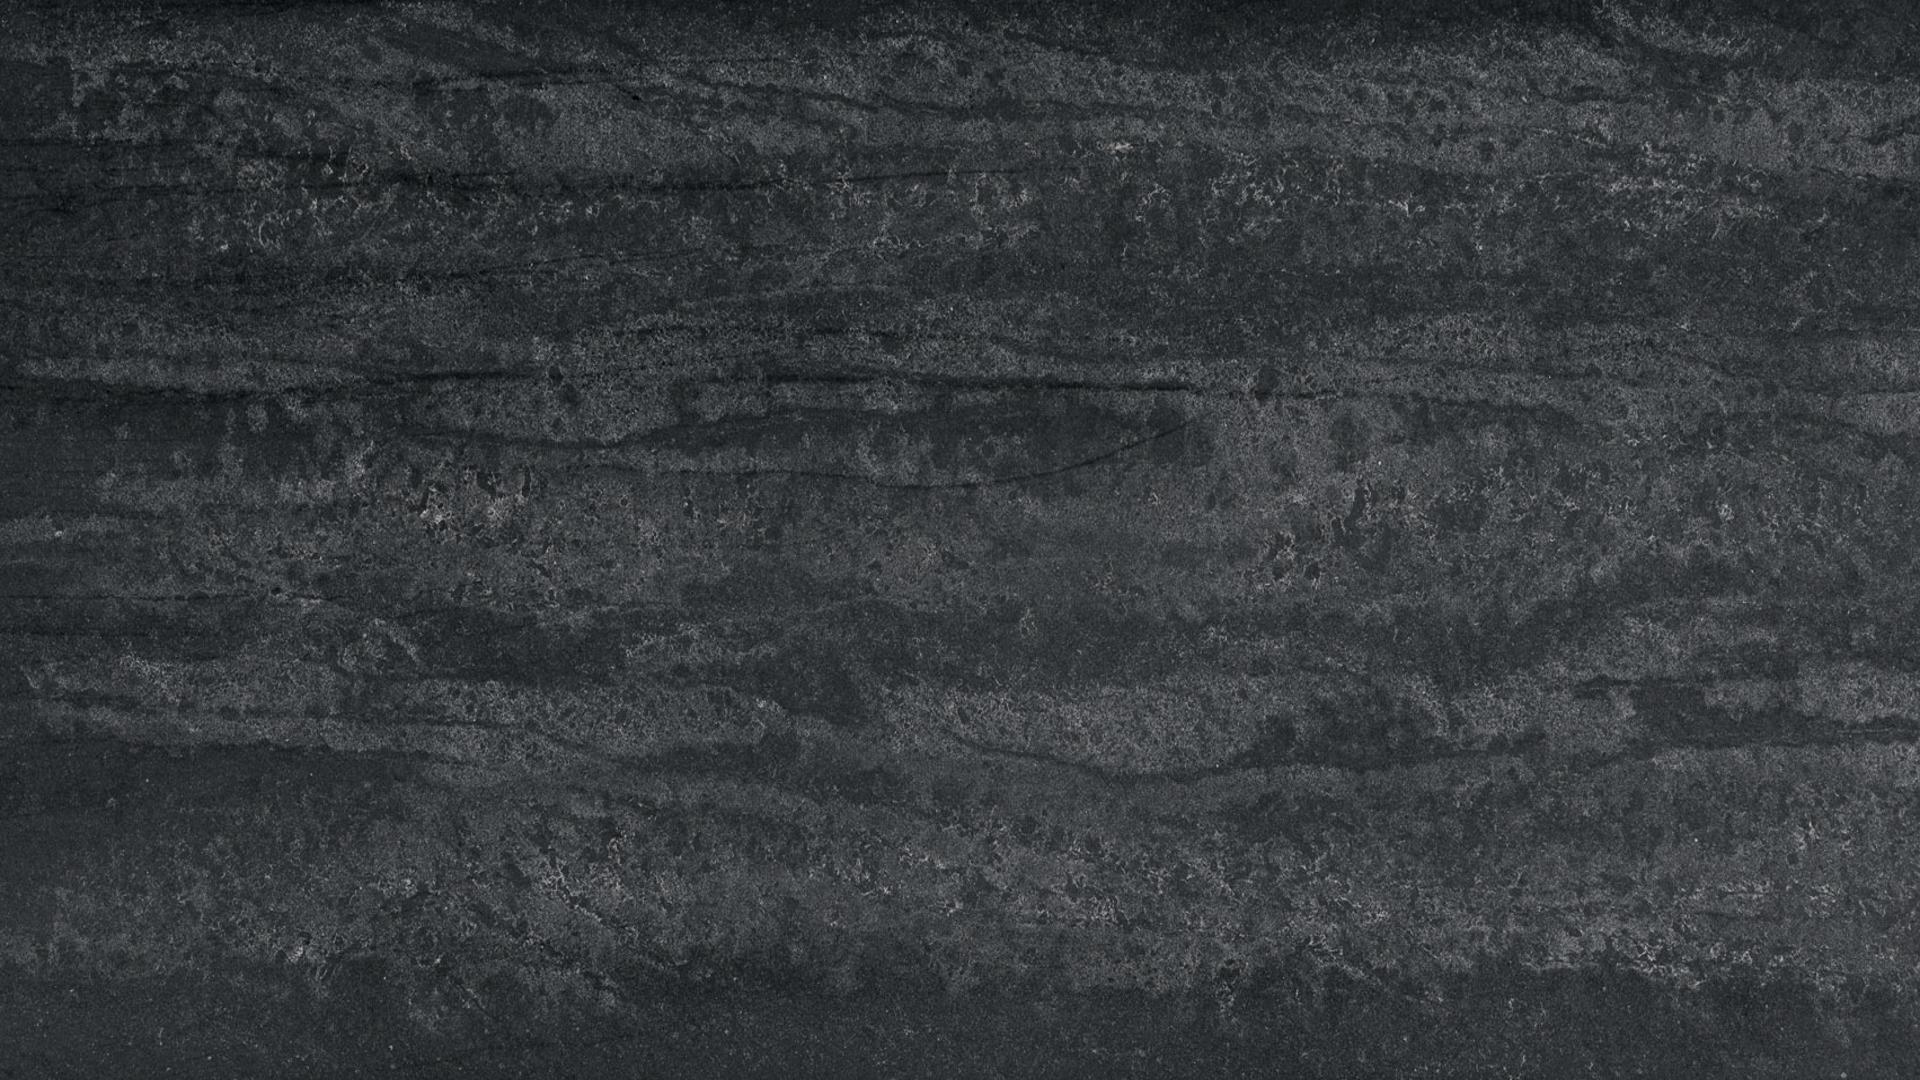 Caesarstone Black Tempal Quartz